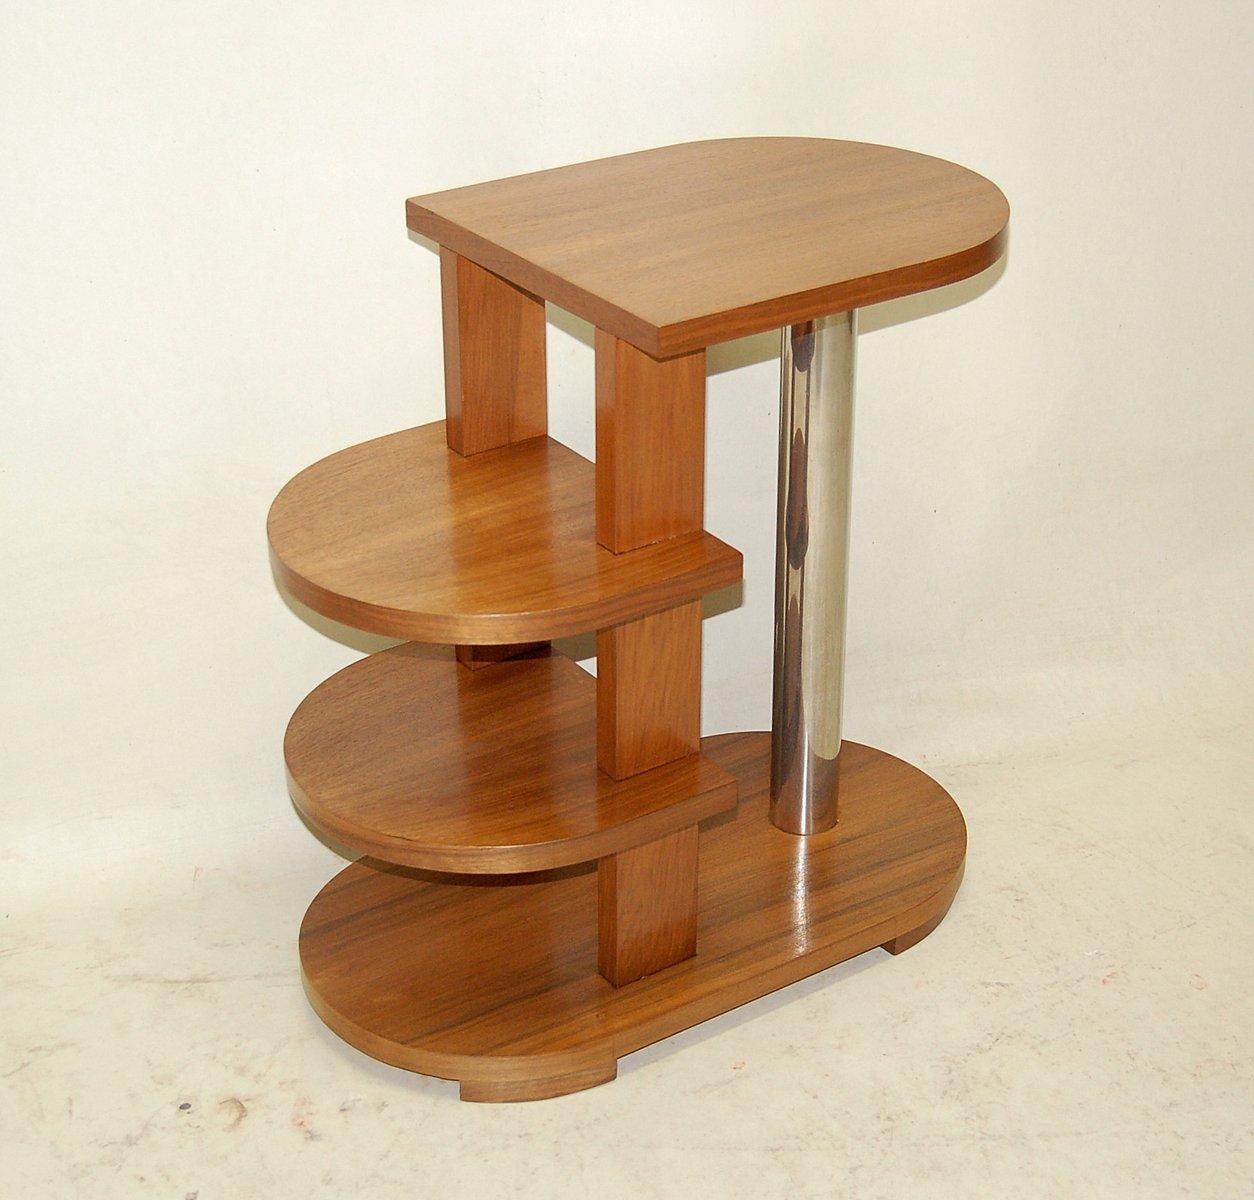 etag re moderniste art d co par michel dufet 1930s en vente sur pamono. Black Bedroom Furniture Sets. Home Design Ideas